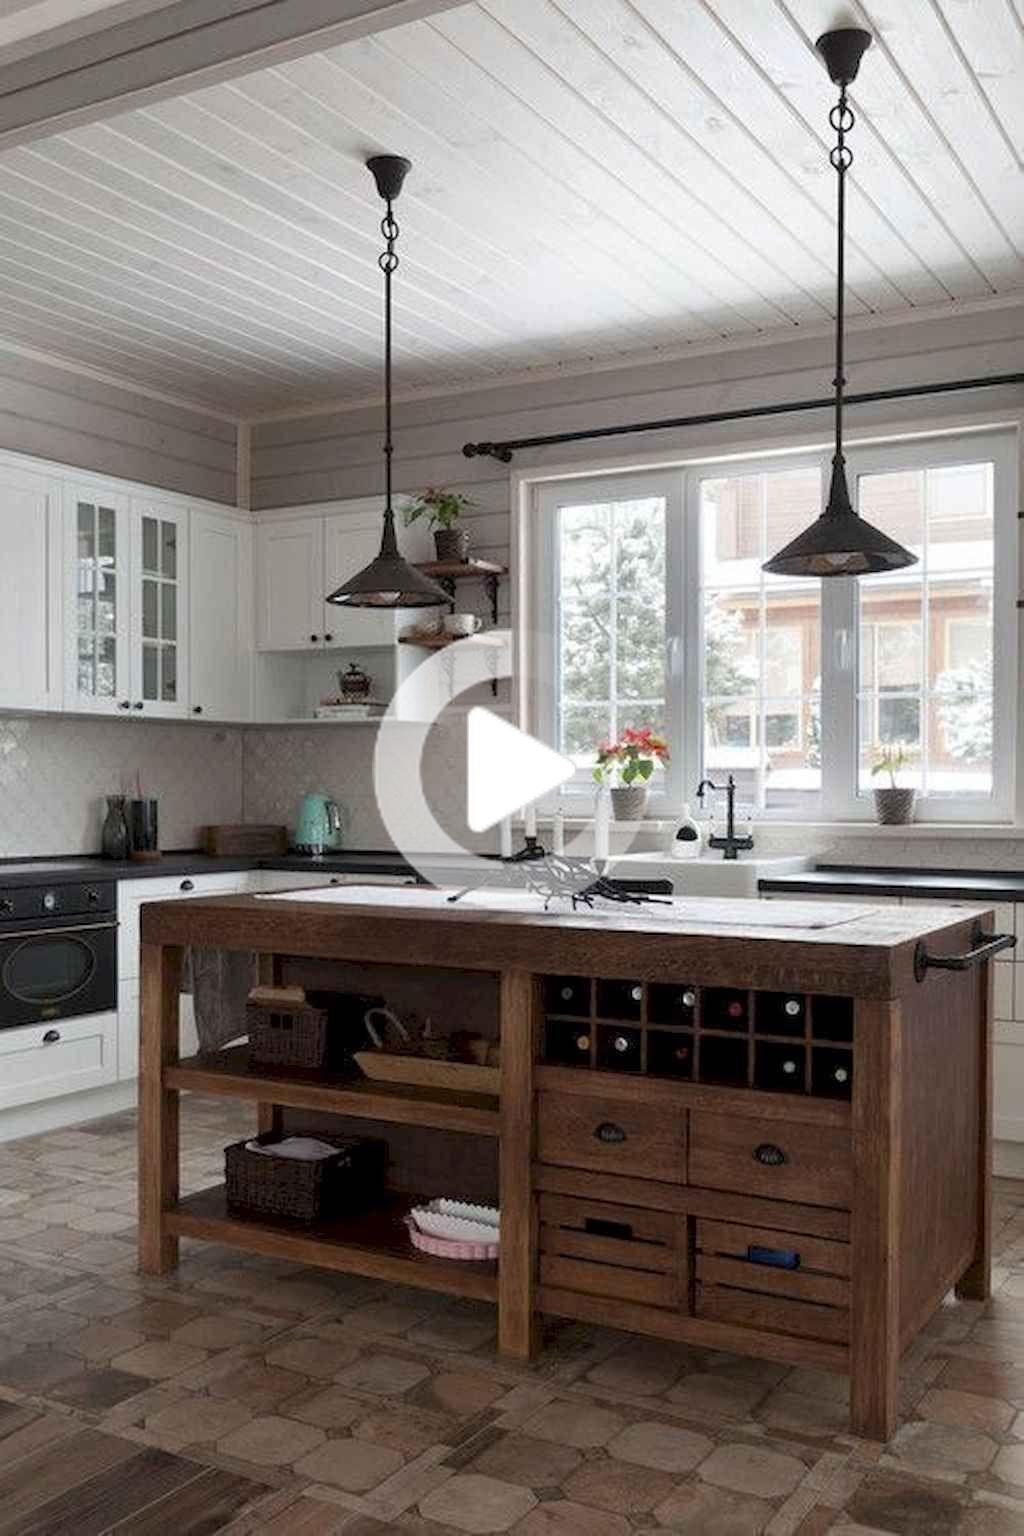 Er zijn veel ideeën over hoe je een keuken te versieren